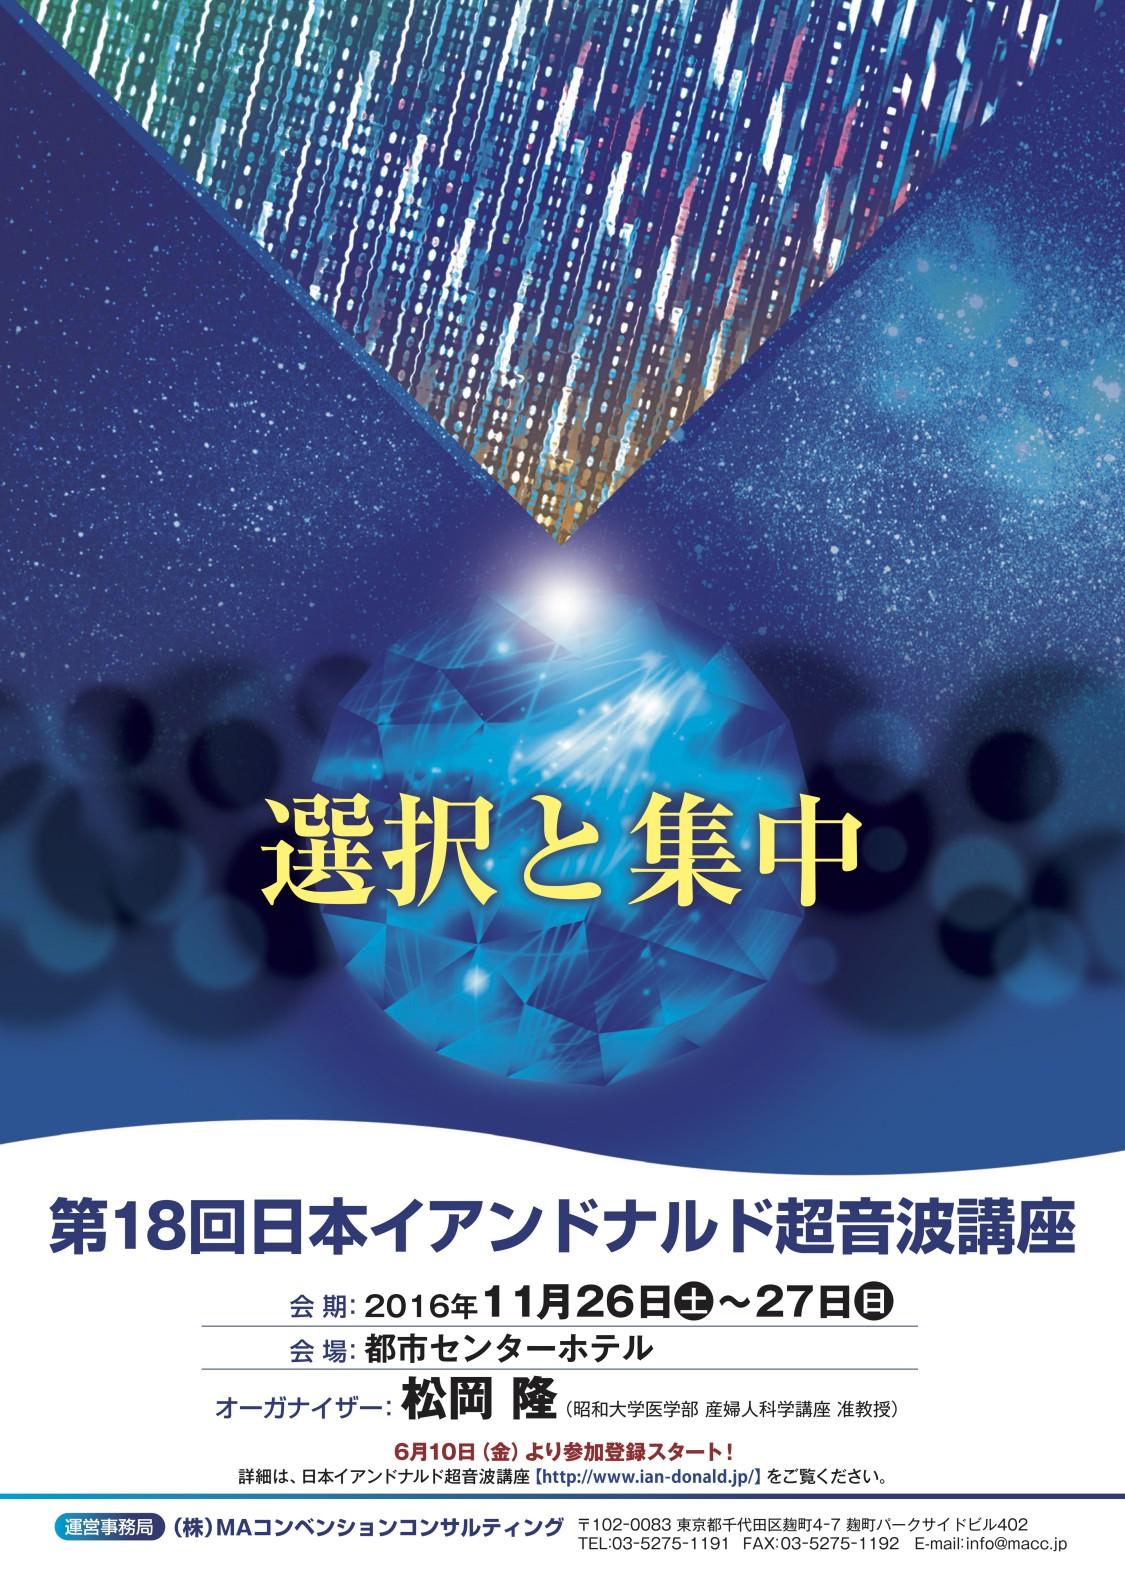 18イアンドナルド超音波講座-A4-0426 HP